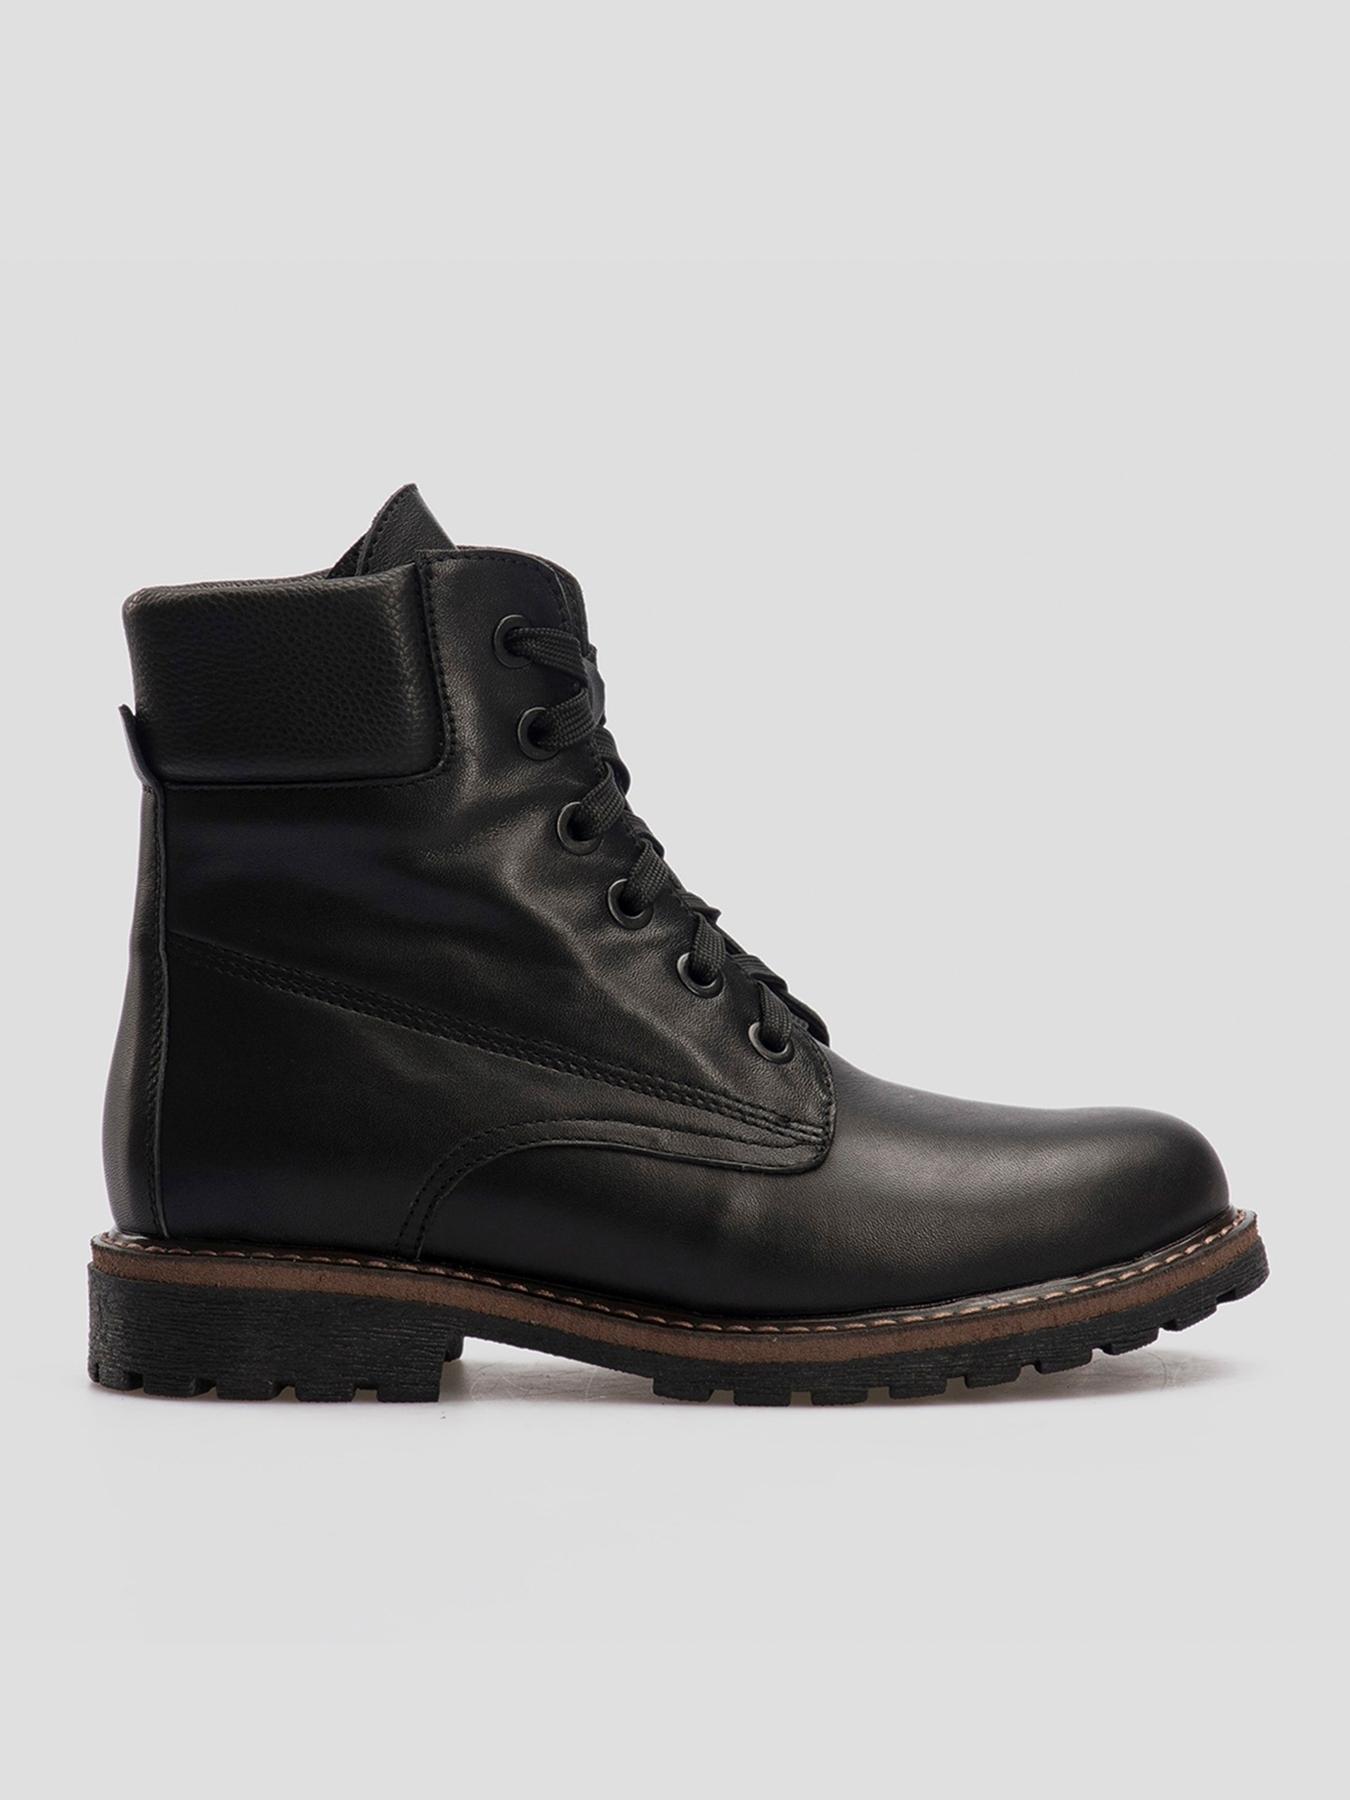 Ботинки женские Gem 388-030